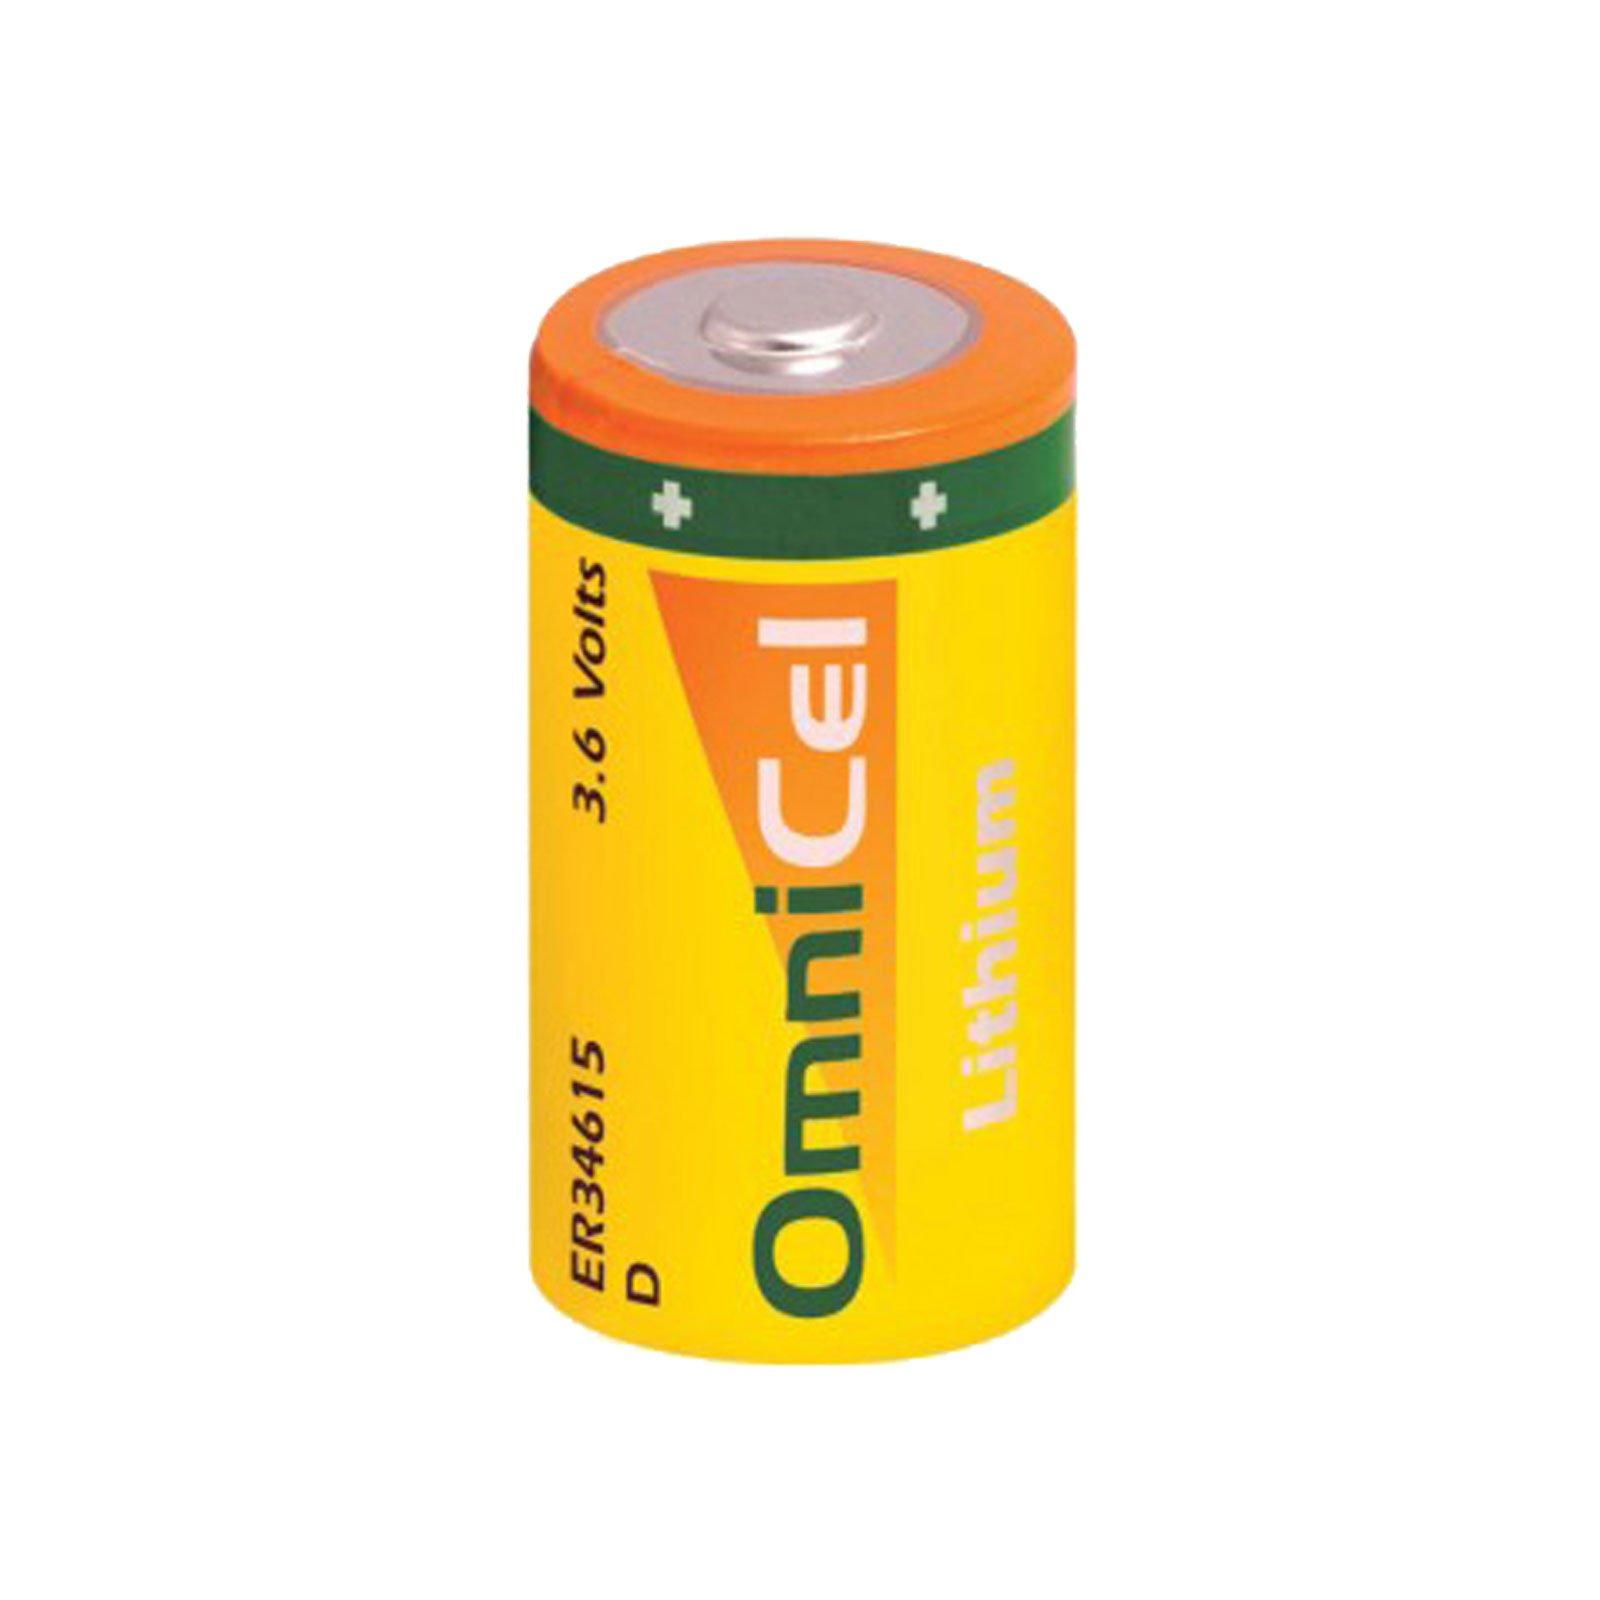 OmniCel ER34615 3.6 Volt 19Ah Size D Lithium Button Top Battery Replaces Saft LS-33600 LS33600C, Eagle Pitcher PT-2300, Tadiran TL-2300 TL-4930 TL-5930, Xeno XL-200F XL-205F, Tekcell SB-D01 SB-D02